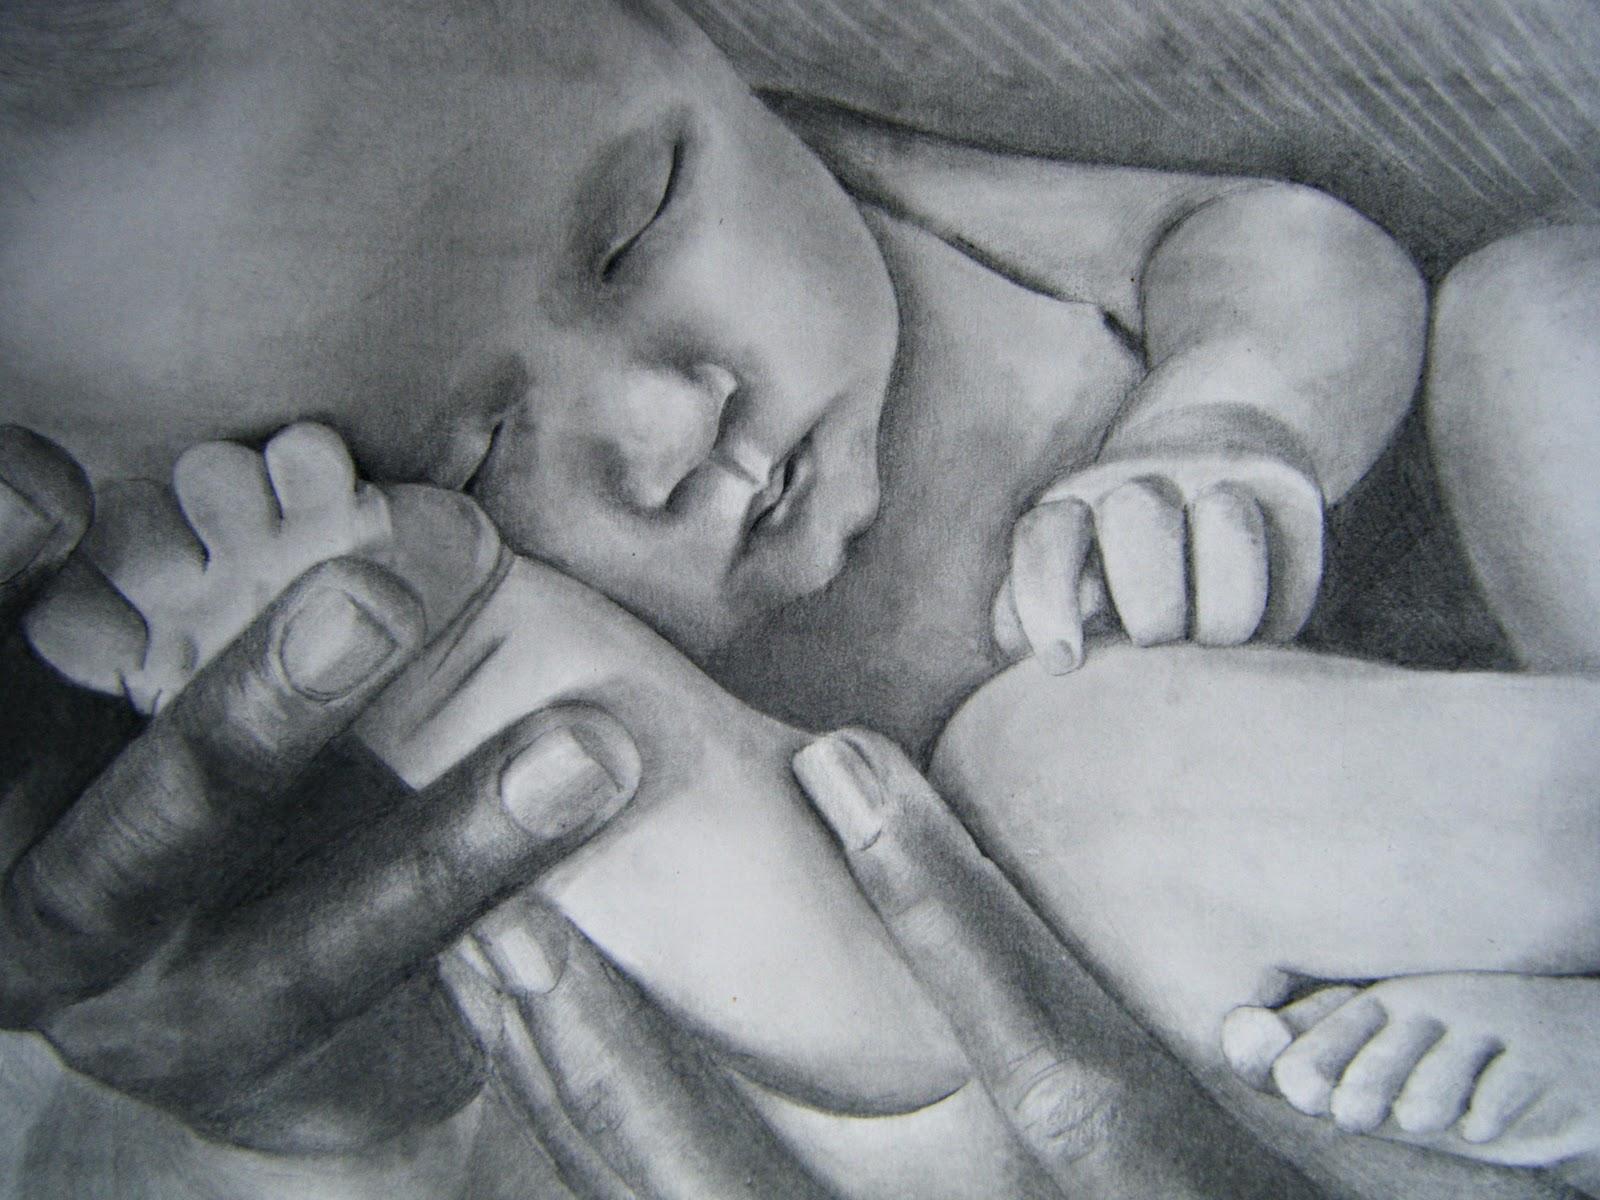 Marta de la fuente ilustraci n dibujo de bebe recien nacido for Recien nacido dibujo